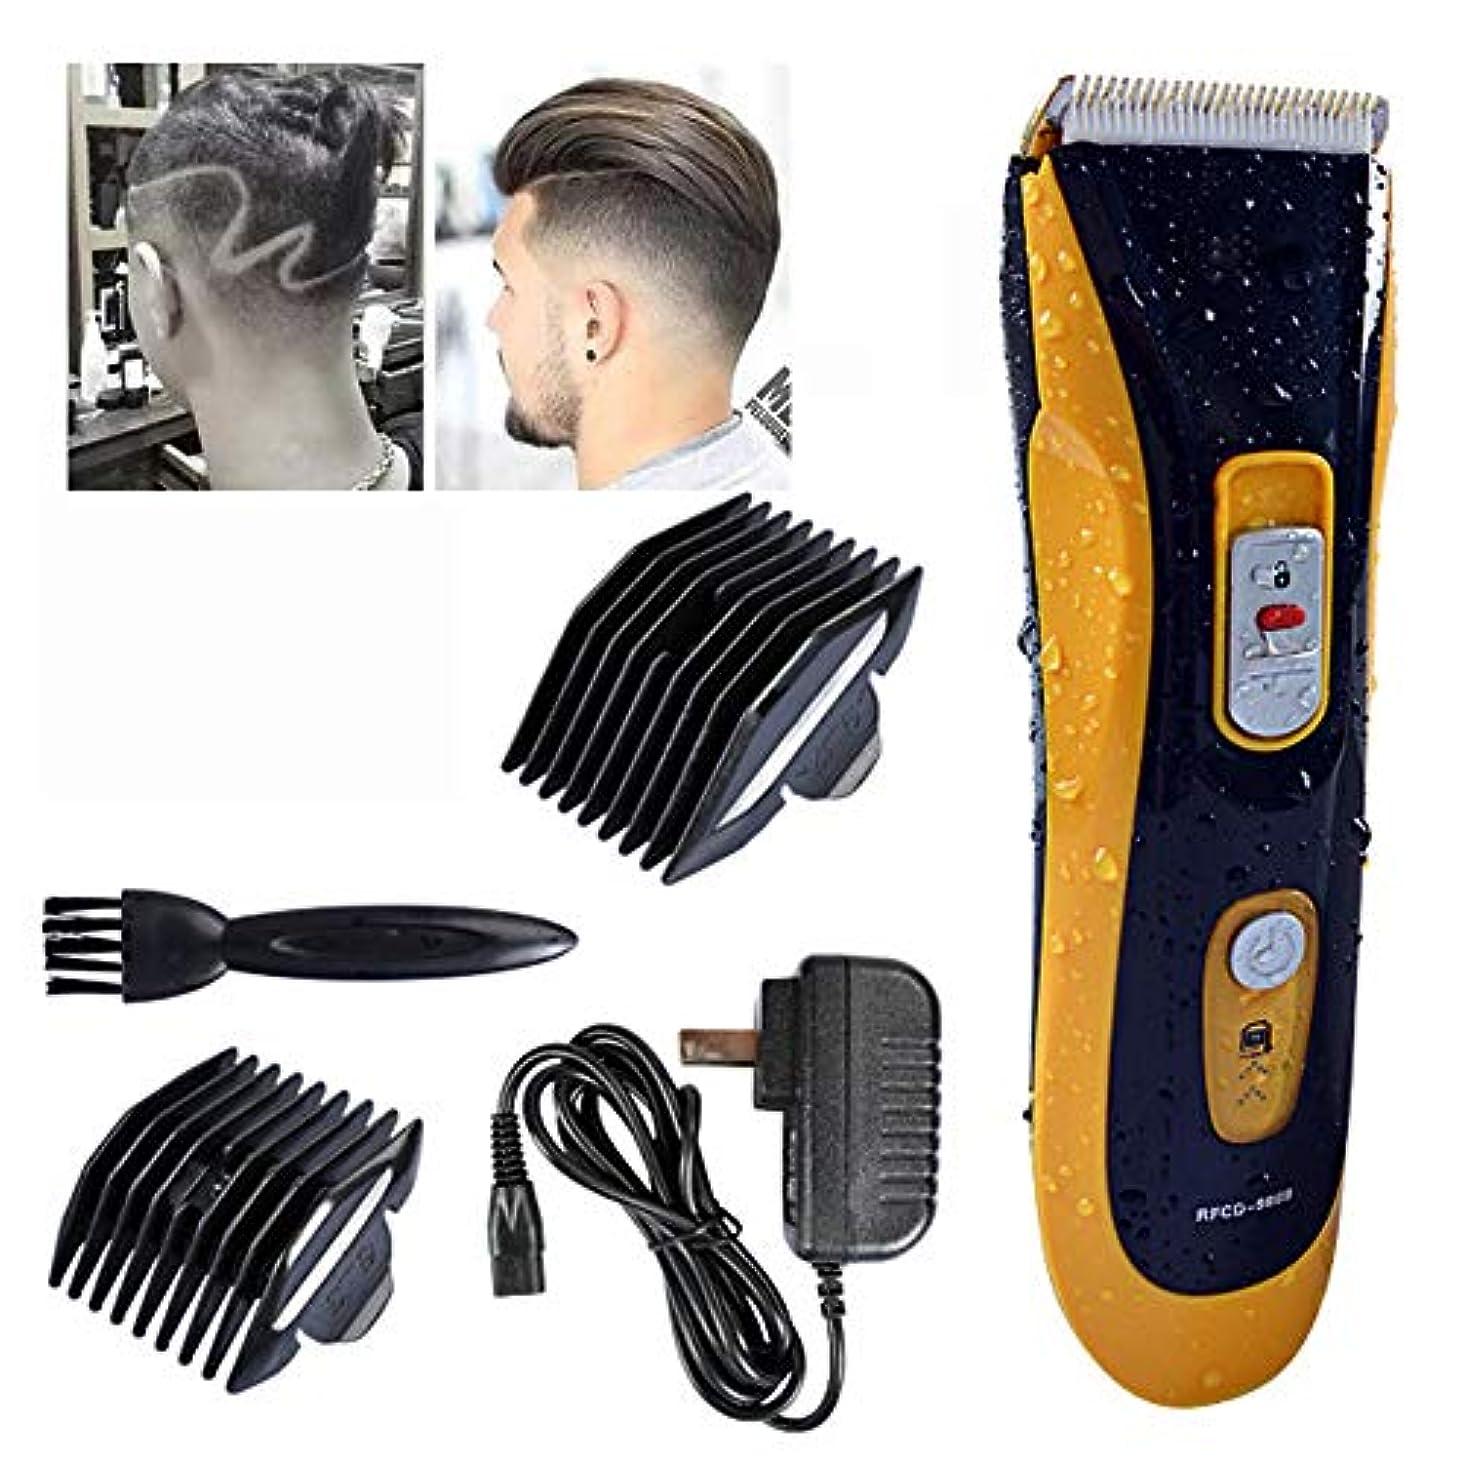 アニメーションプレート文字通りメンズバリカンミュート電動バリカン理髪プロフェッショナル電動バリカンユニバーサル電動フェーダー洗える